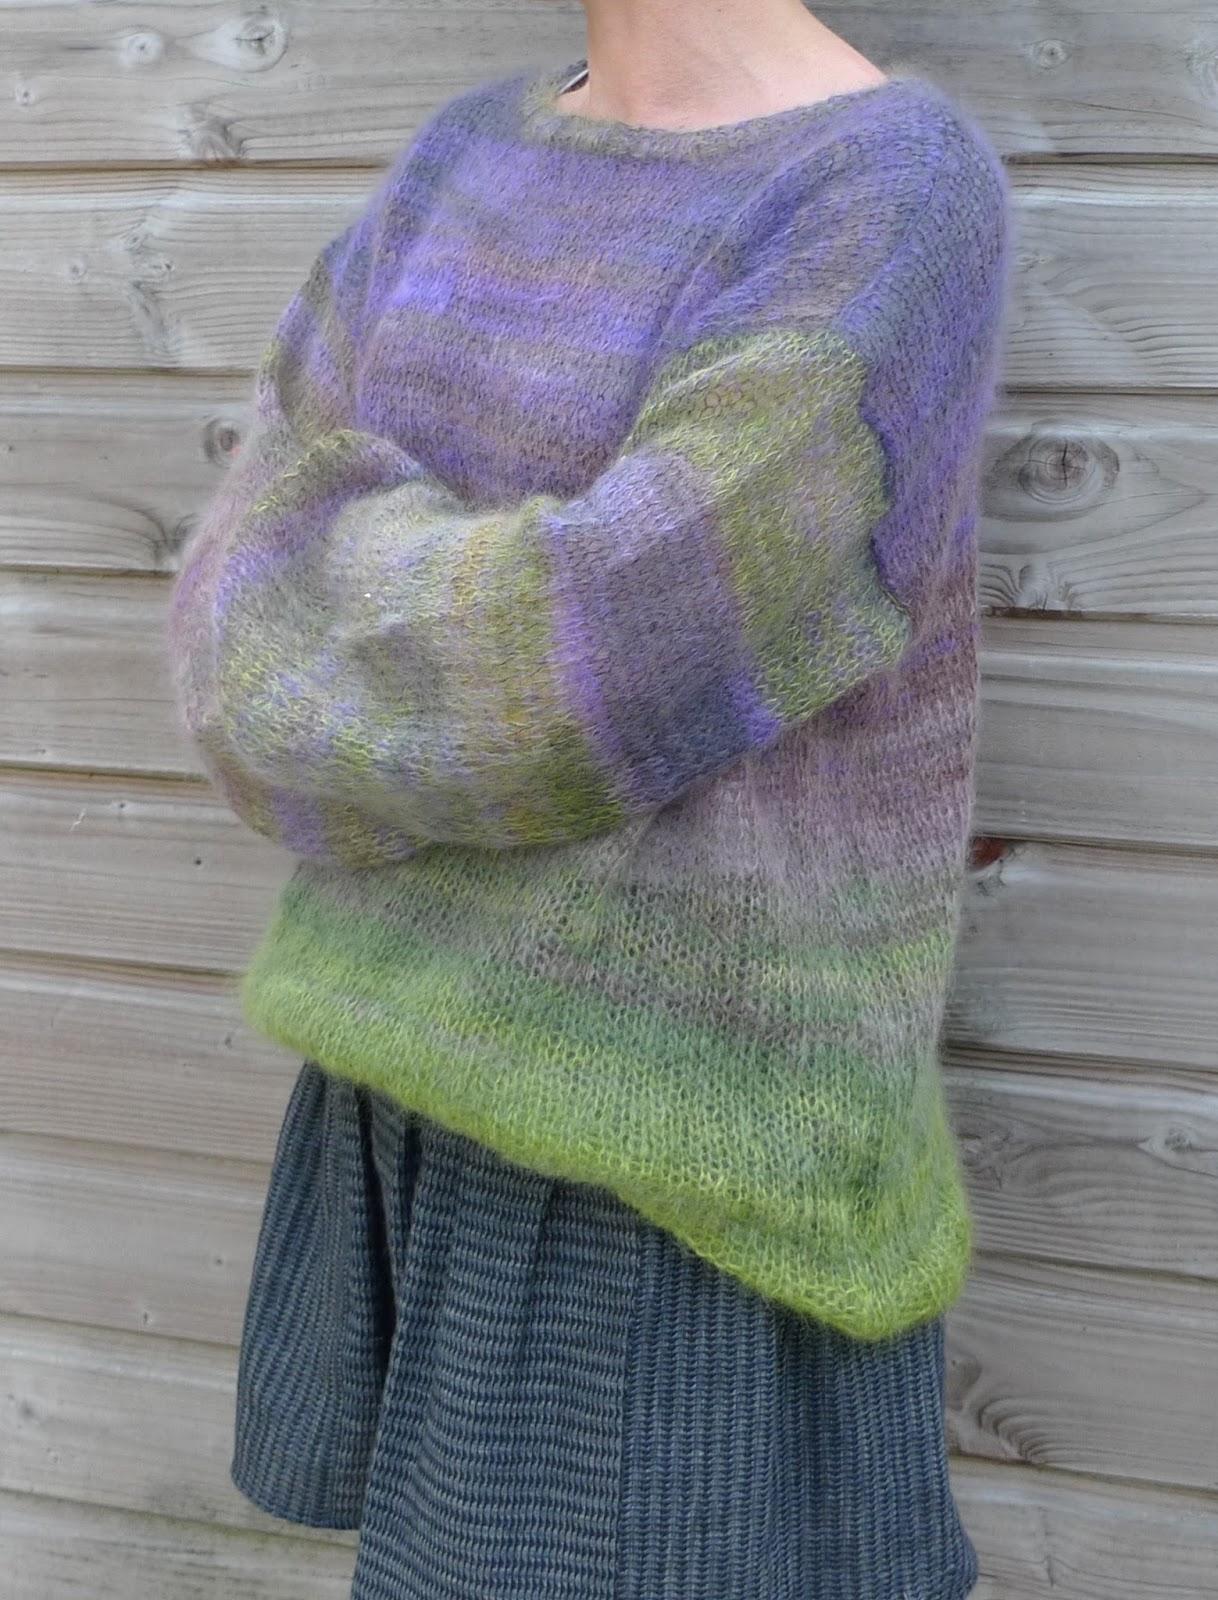 Tricoter 2 fils ensemble - Rentrer les fils tricot ...